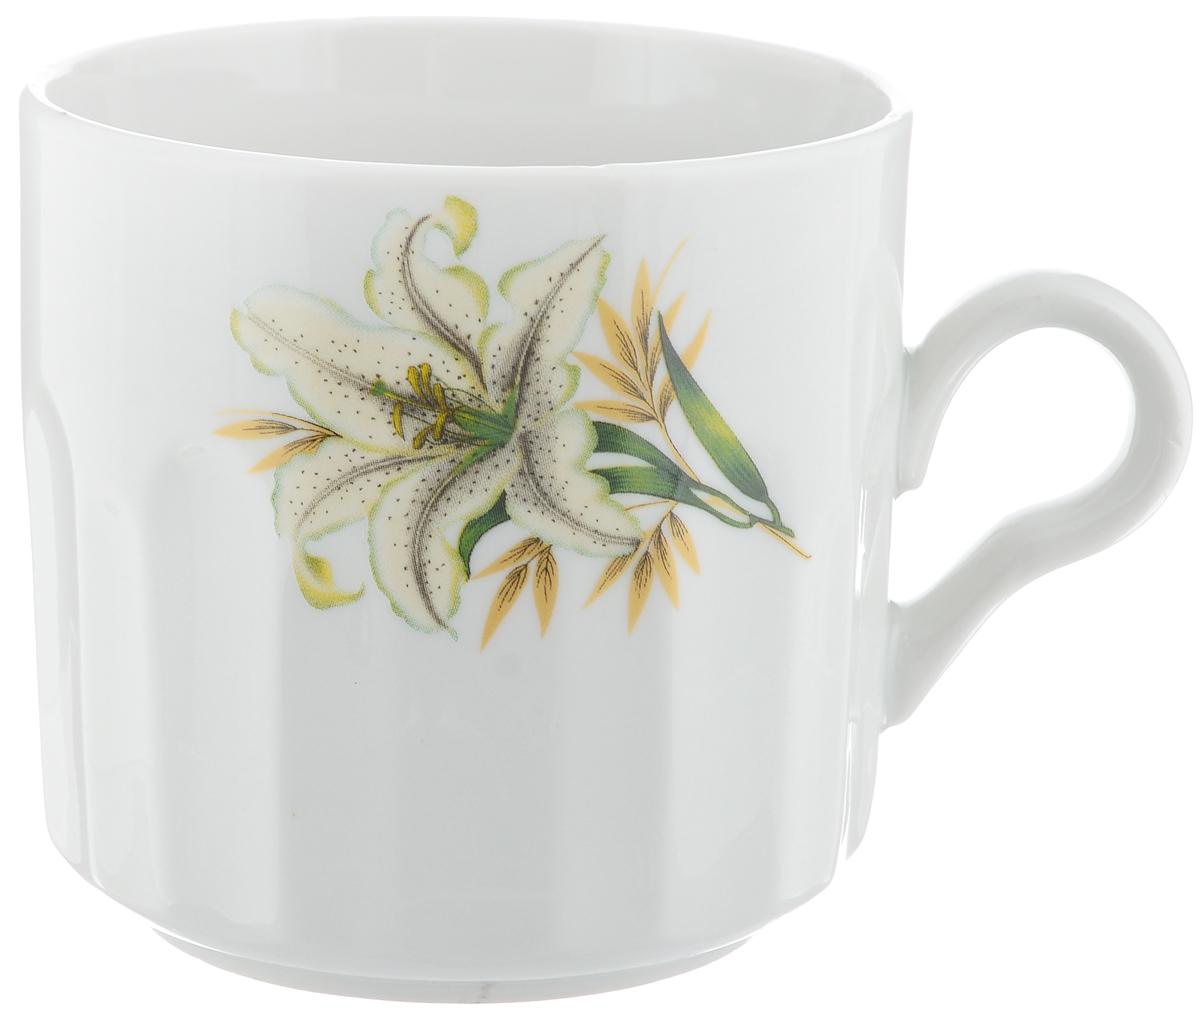 Кружка Фарфор Вербилок Белая лилия, 500 мл24497360Кружка Фарфор Вербилок Белая лилия способна скрасить любое чаепитие. Изделие выполнено из высококачественного фарфора. Посуда из такого материала позволяет сохранить истинный вкус напитка, а также помогает ему дольше оставаться теплым.Диаметр по верхнему краю: 9,5 см.Высота кружки: 9,5 см.